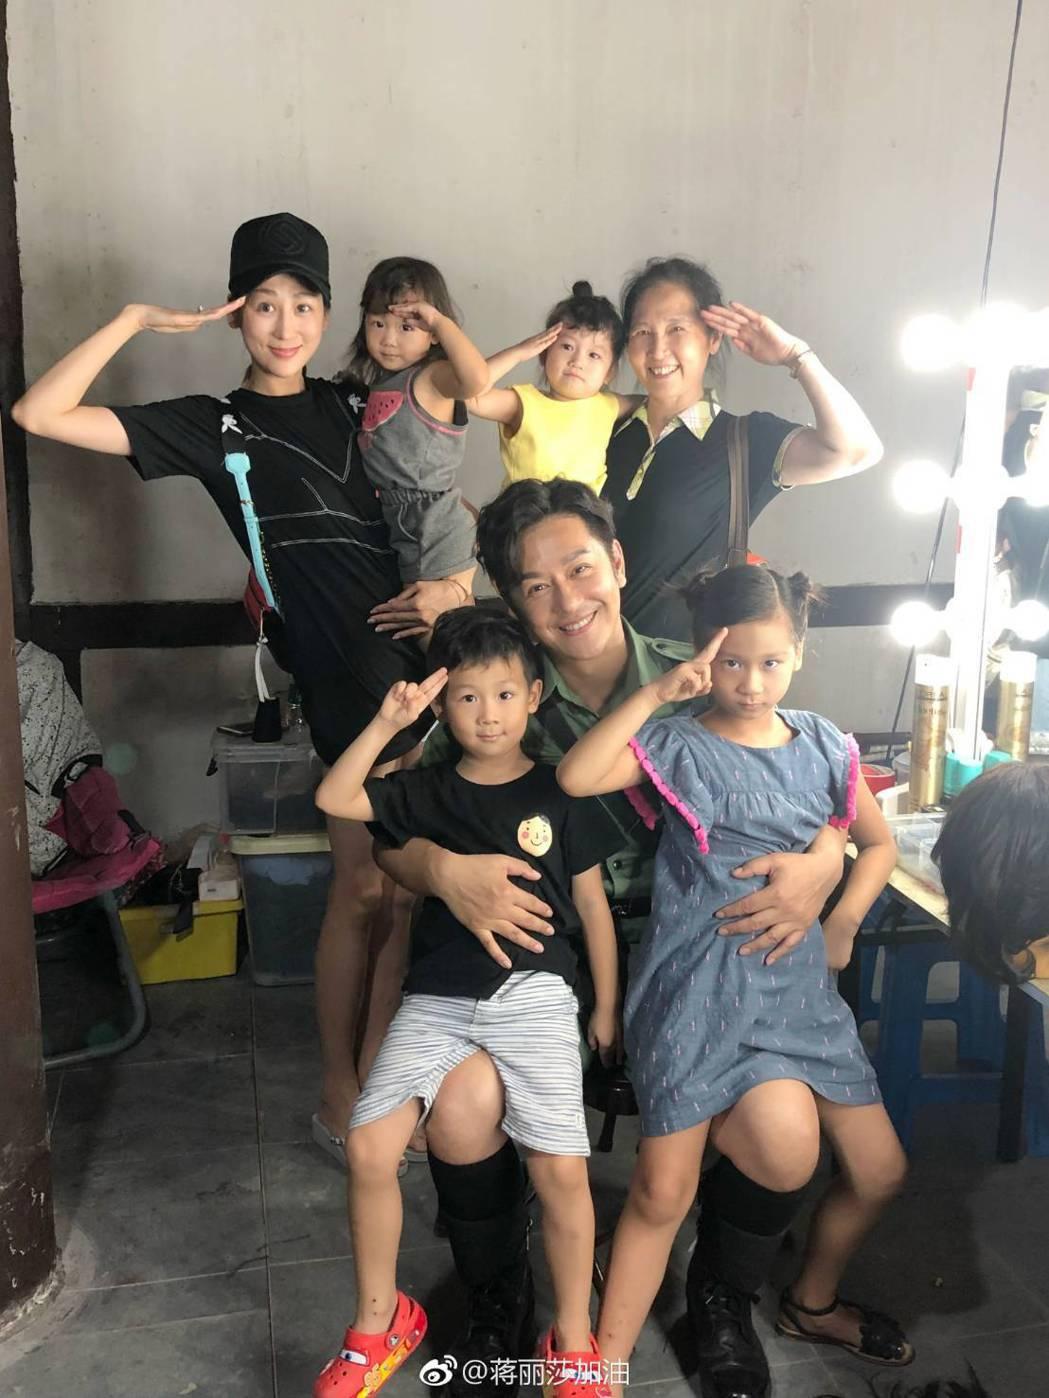 蔣麗莎常帶4個孩子去探班陳浩民拍戲。圖/摘自微博